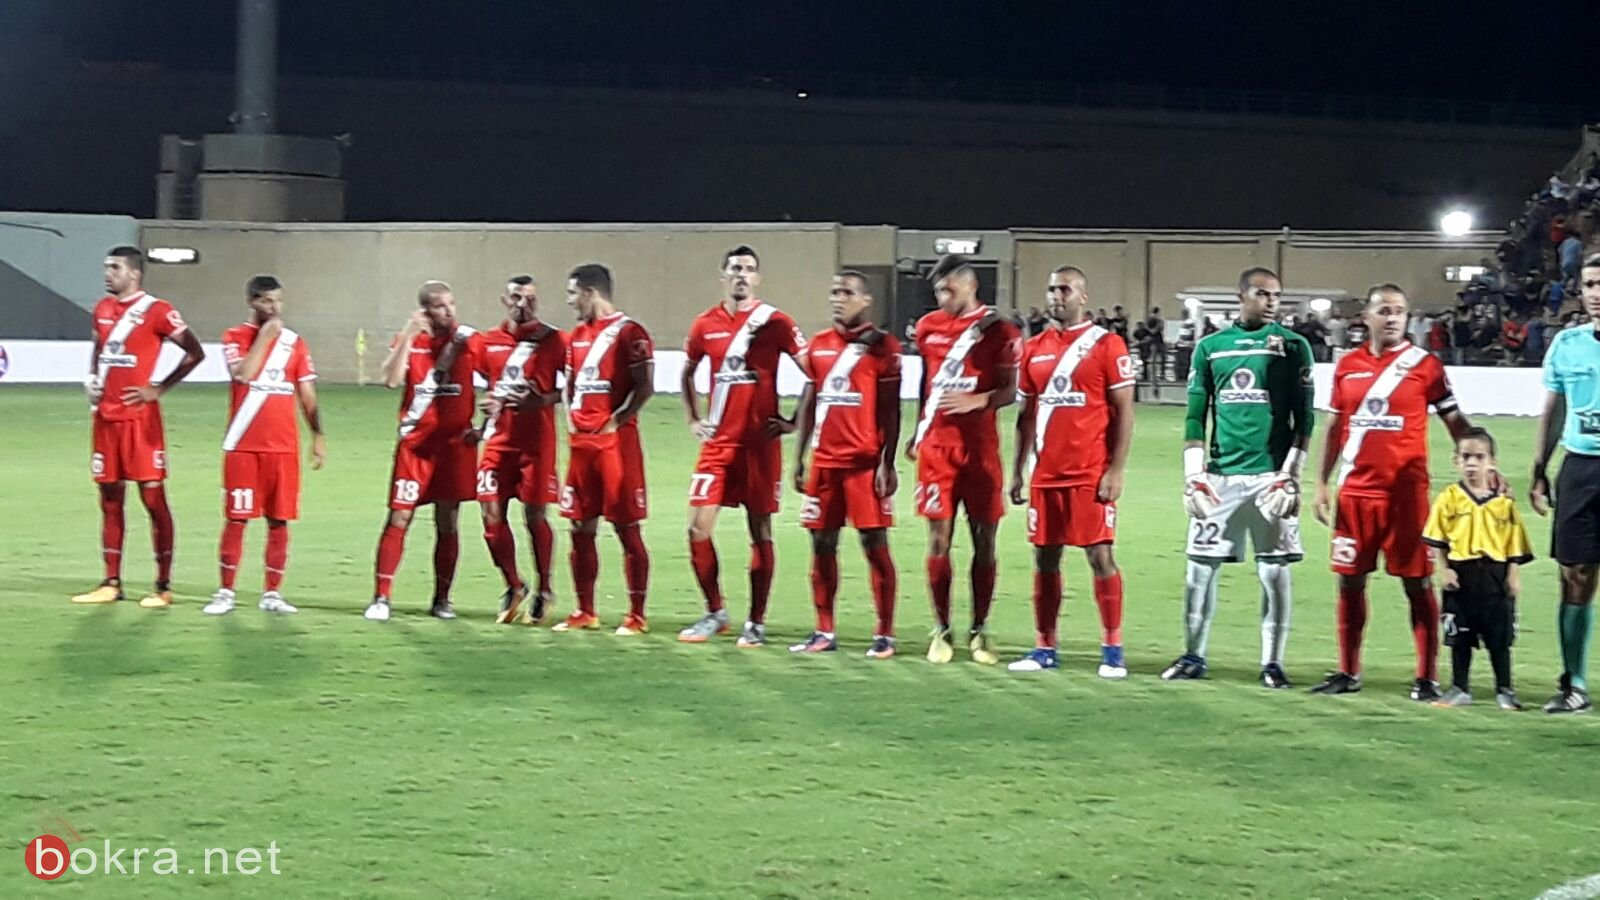 أفراح وليالٍ ملاح في سخنين بعد الفوز على بيتار (3-2)